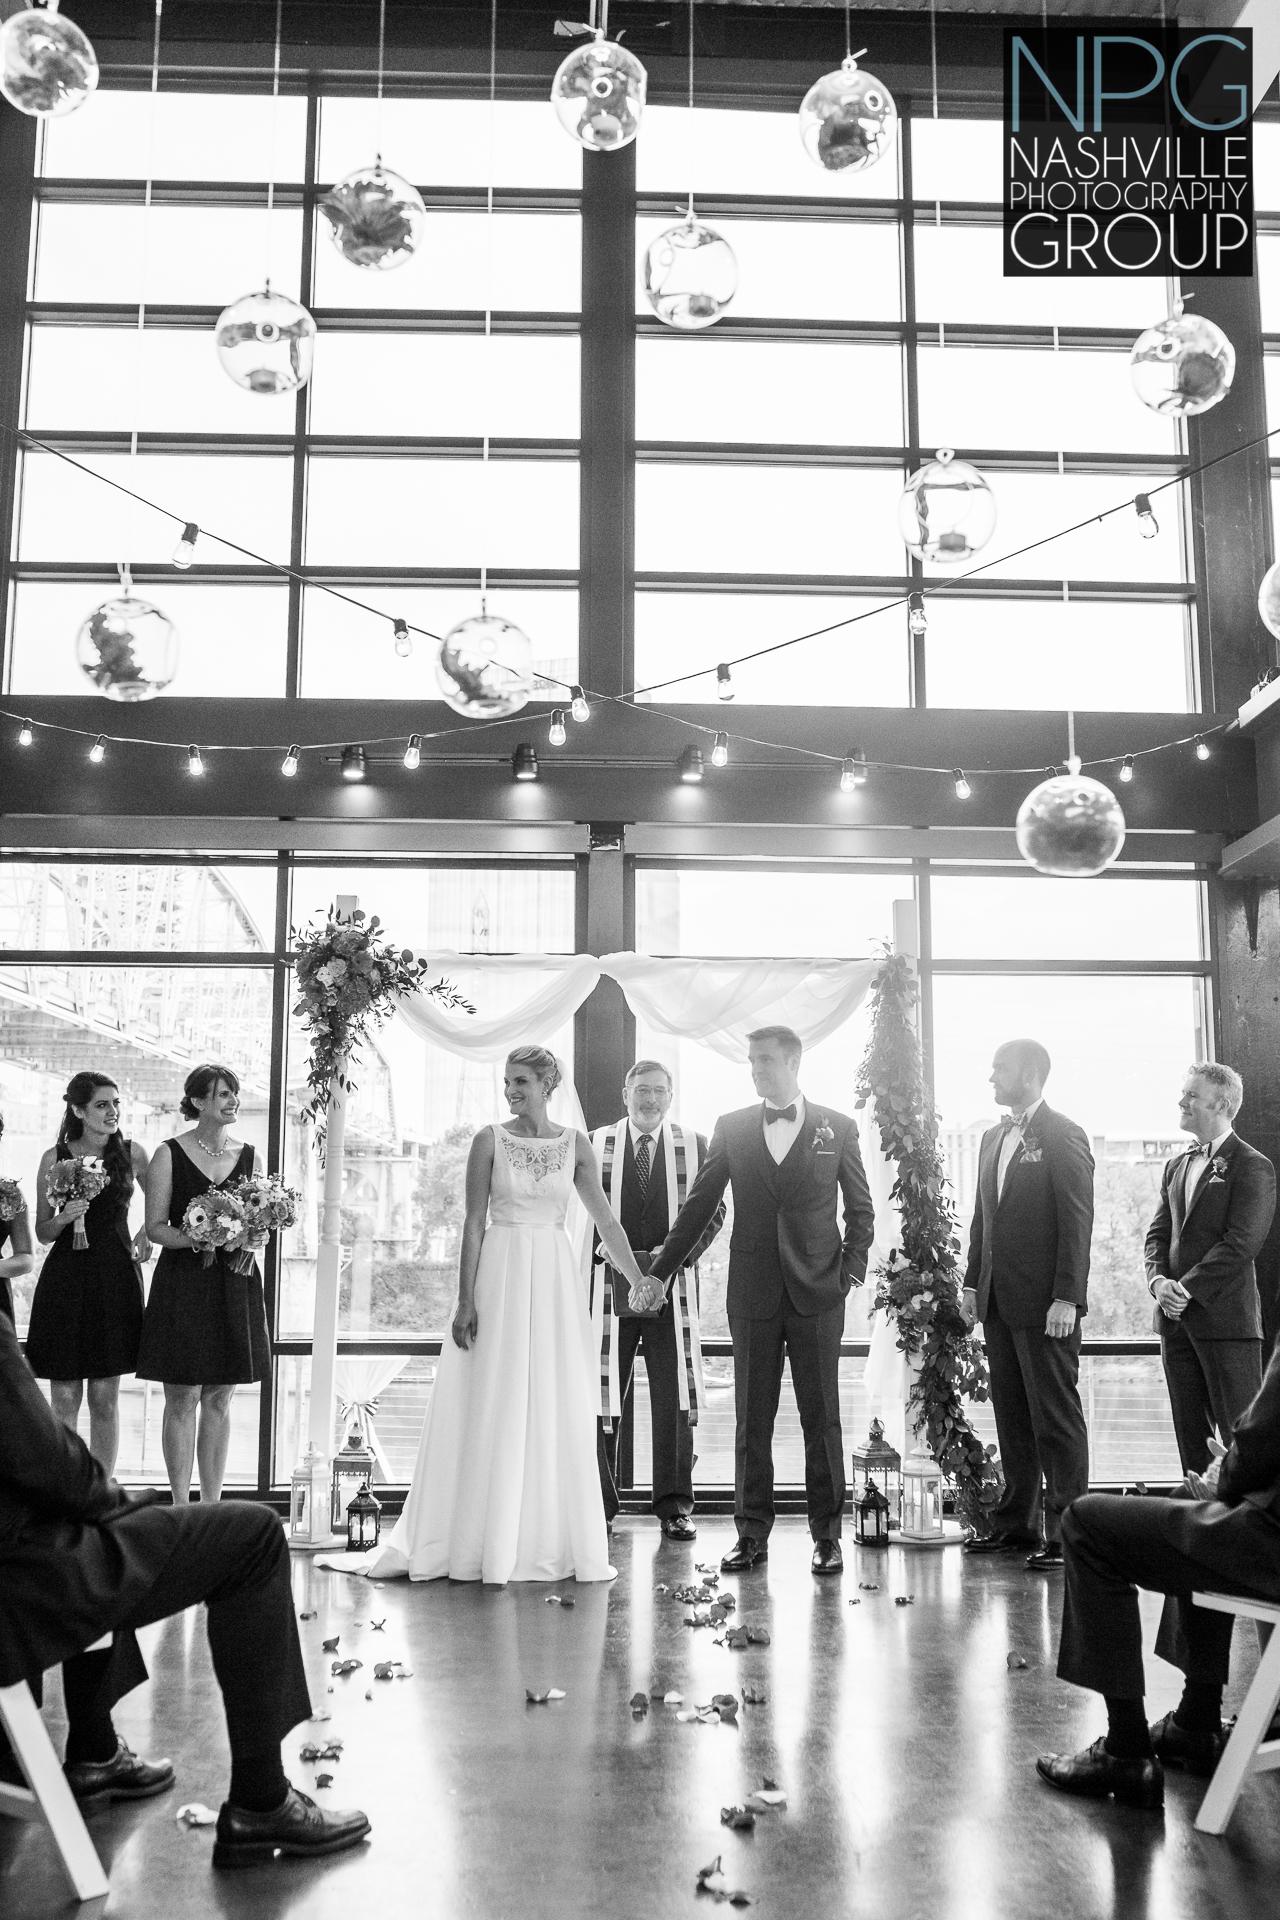 Nashville Photography Group - wedding photographers (3 of 3).jpg